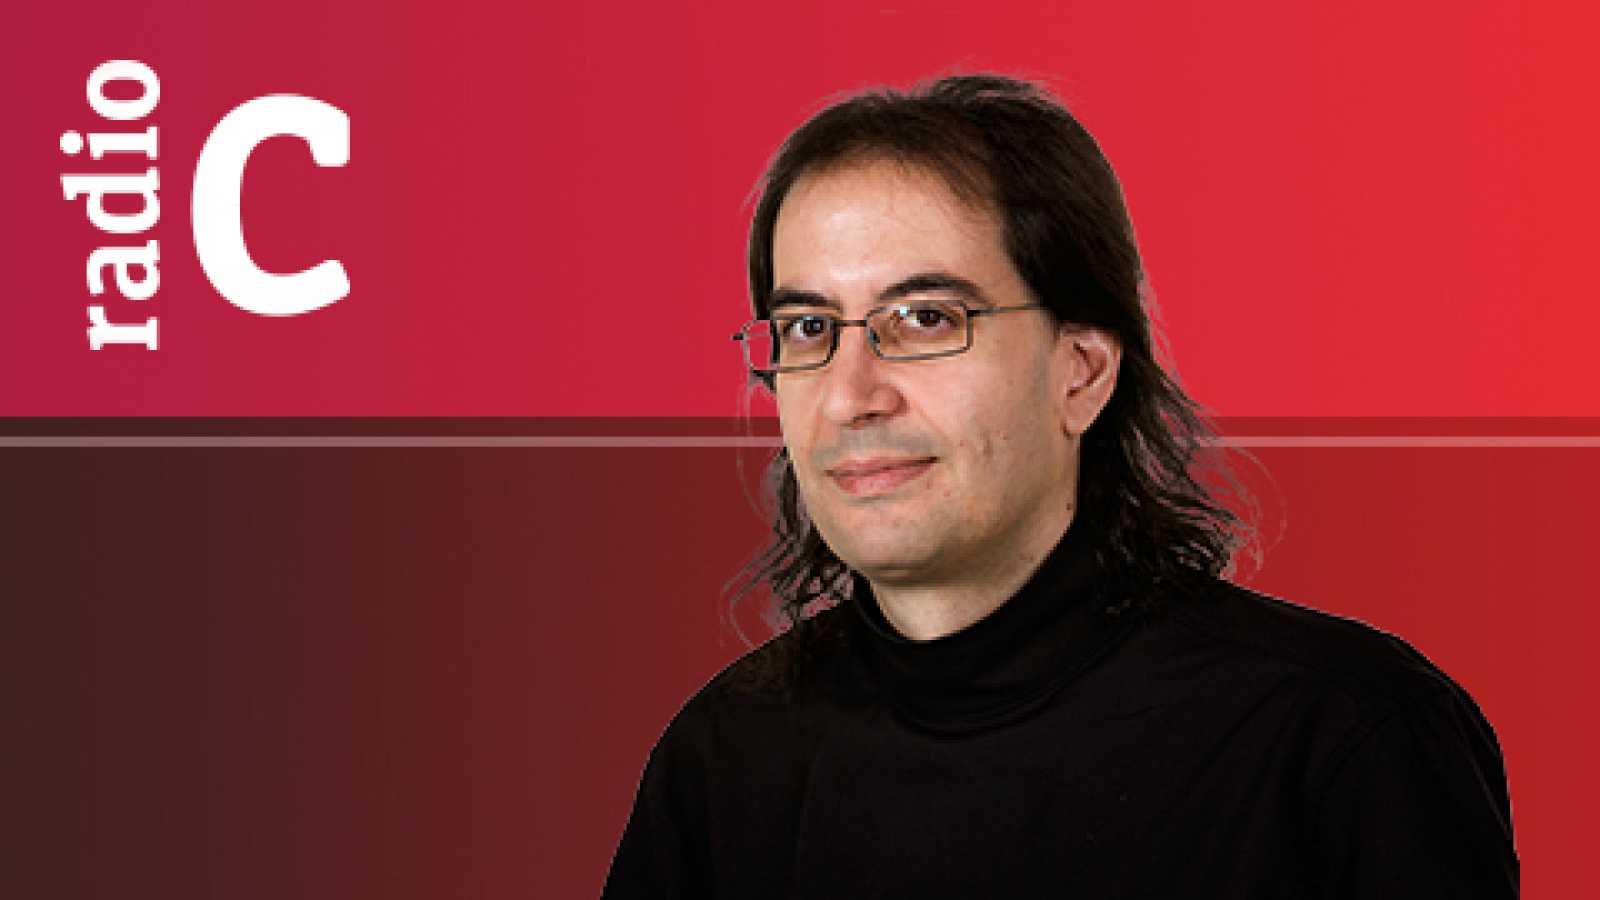 """Ars Sonora - """"Sonido visible"""", con José Iges y Angustias Freijo - 27/01/18 - escuchar ahora"""